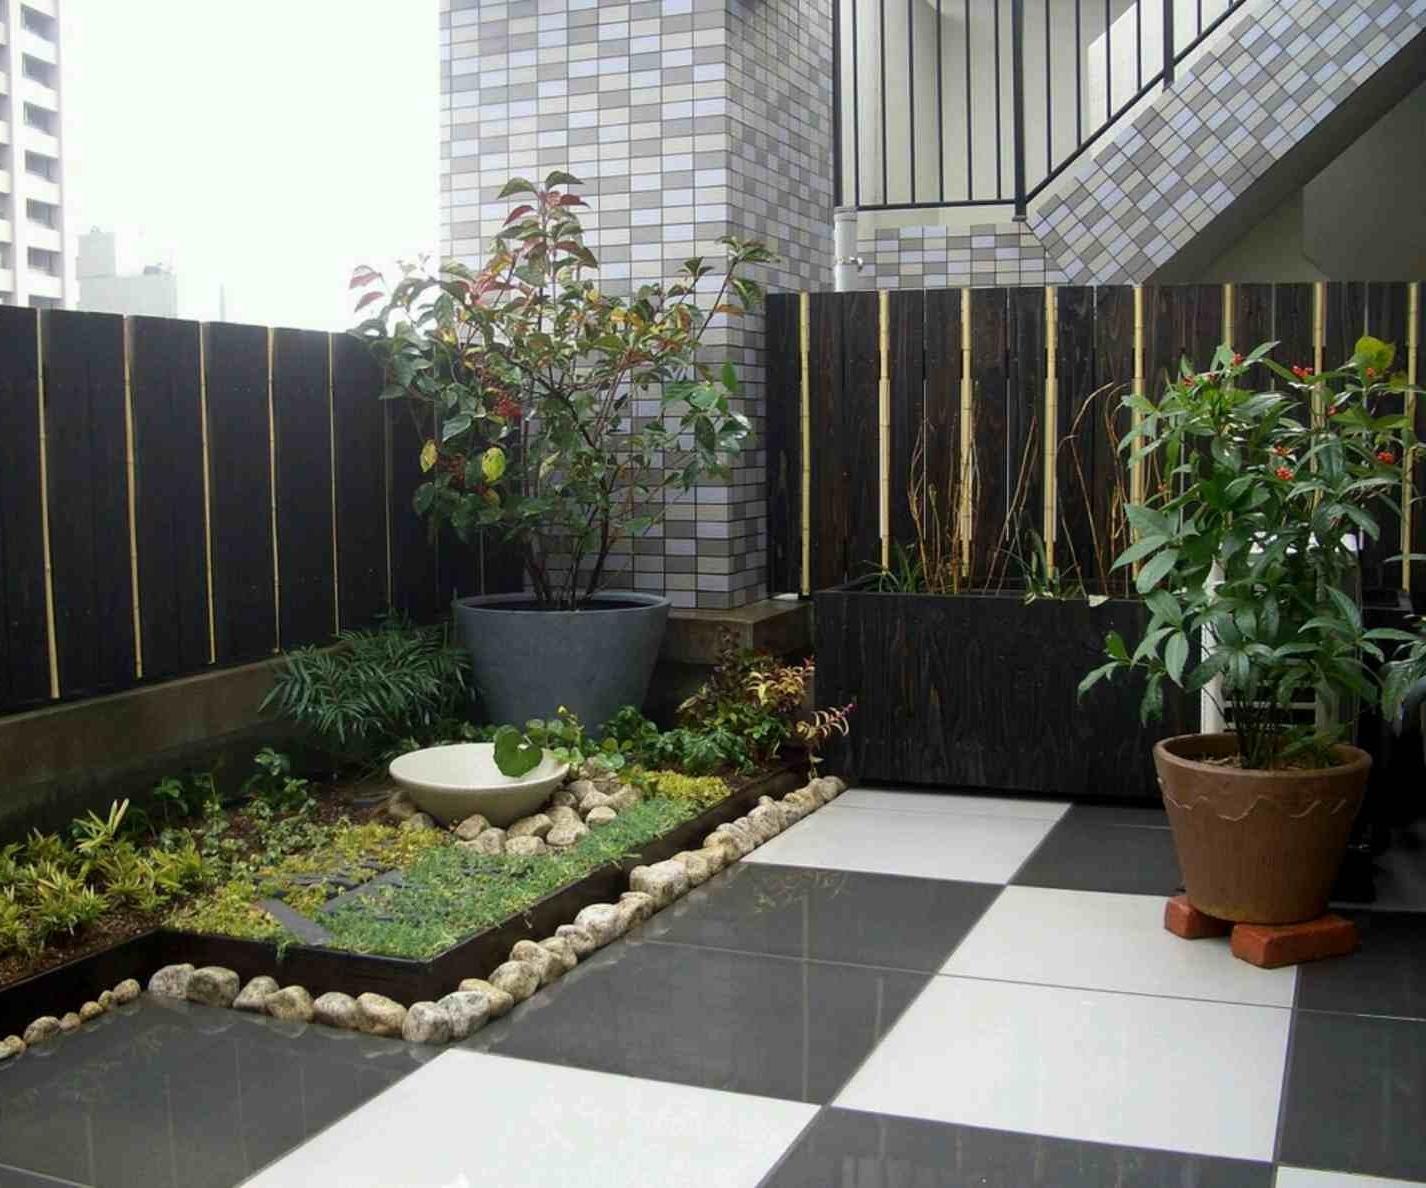 32 Desain Taman Depan Minimalis Sederhana Rumahku Unik